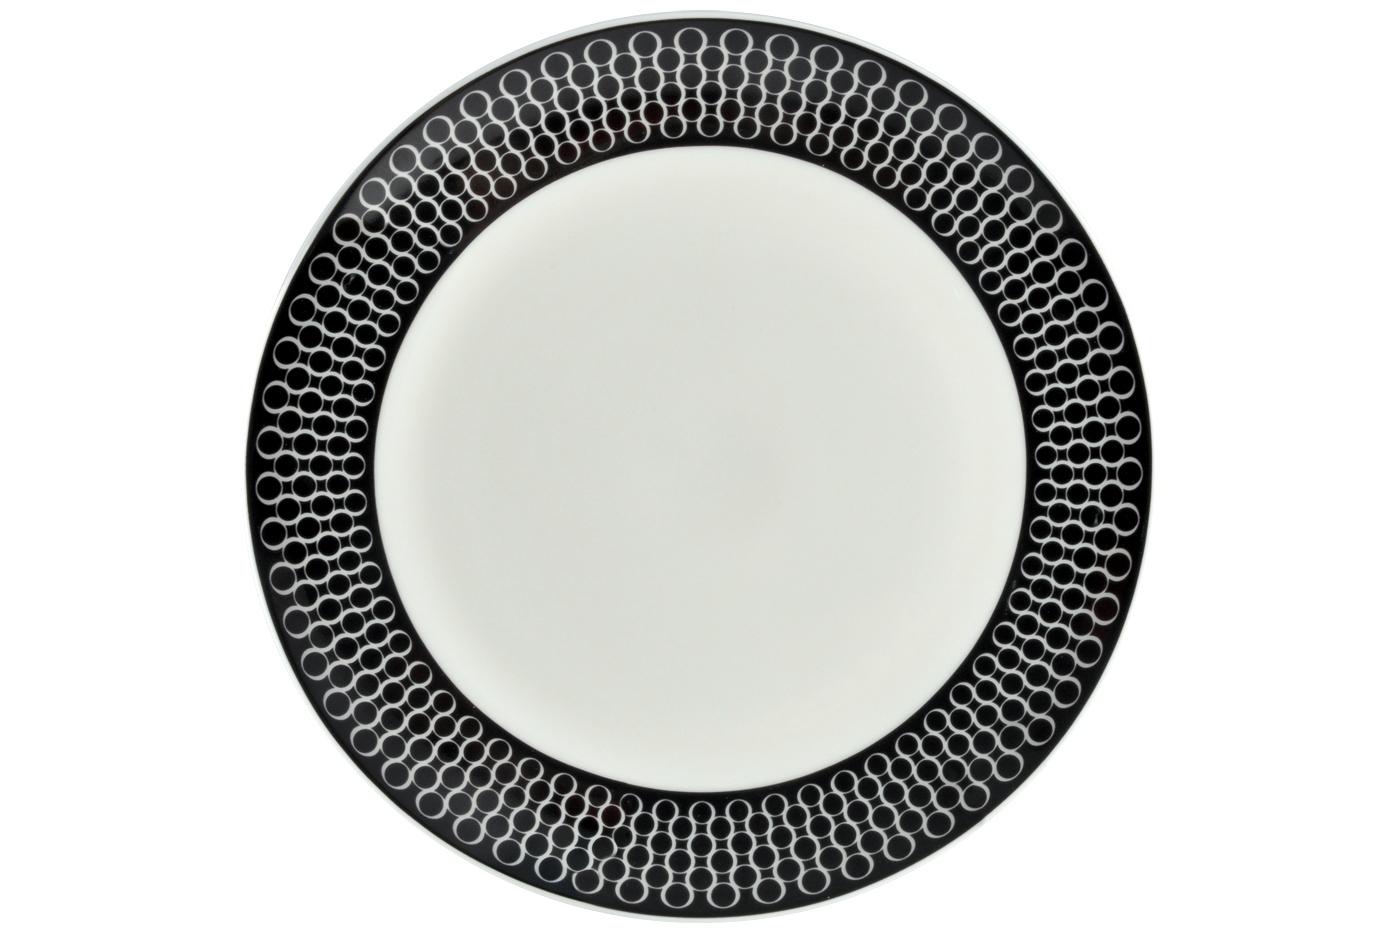 Набор из 6 тарелок Royal Aurel Верона (20см) арт.523Наборы тарелок<br>Набор из 6 тарелок Royal Aurel Верона (20см) арт.523<br>Производить посуду из фарфора начали в Китае на стыке 6-7 веков. Неустанно совершенствуя и селективно отбирая сырье для производства посуды из фарфора, мастерам удалось добиться выдающихся характеристик фарфора: белизны и тонкостенности. В XV веке появился особый интерес к китайской фарфоровой посуде, так как в это время Европе возникла мода на самобытные китайские вещи. Роскошный китайский фарфор являлся изыском и был в новинку, поэтому он выступал в качестве подарка королям, а также знатным людям. Такой дорогой подарок был очень престижен и по праву являлся элитной посудой. Как известно из многочисленных исторических документов, в Европе китайские изделия из фарфора ценились практически как золото. <br>Проверка изделий из костяного фарфора на подлинность <br>По сравнению с производством других видов фарфора процесс производства изделий из настоящего костяного фарфора сложен и весьма длителен. Посуда из изящного фарфора - это элитная посуда, которая всегда ассоциируется с богатством, величием и благородством. Несмотря на небольшую толщину, фарфоровая посуда - это очень прочное изделие. Для демонстрации плотности и прочности фарфора можно легко коснуться предметов посуды из фарфора деревянной палочкой, и тогда мы услушим характерный металлический звон. В составе фарфоровой посуды присутствует костяная зола, благодаря чему она может быть намного тоньше (не более 2,5 мм) и легче твердого или мягкого фарфора. Безупречная белизна - ключевой признак отличия такого фарфора от других. Цвет обычного фарфора сероватый или ближе к голубоватому, а костяной фарфор будет всегда будет молочно-белого цвета. Характерная и немаловажная деталь - это невесомая прозрачность изделий из фарфора такая, что сквозь него проходит свет.<br>